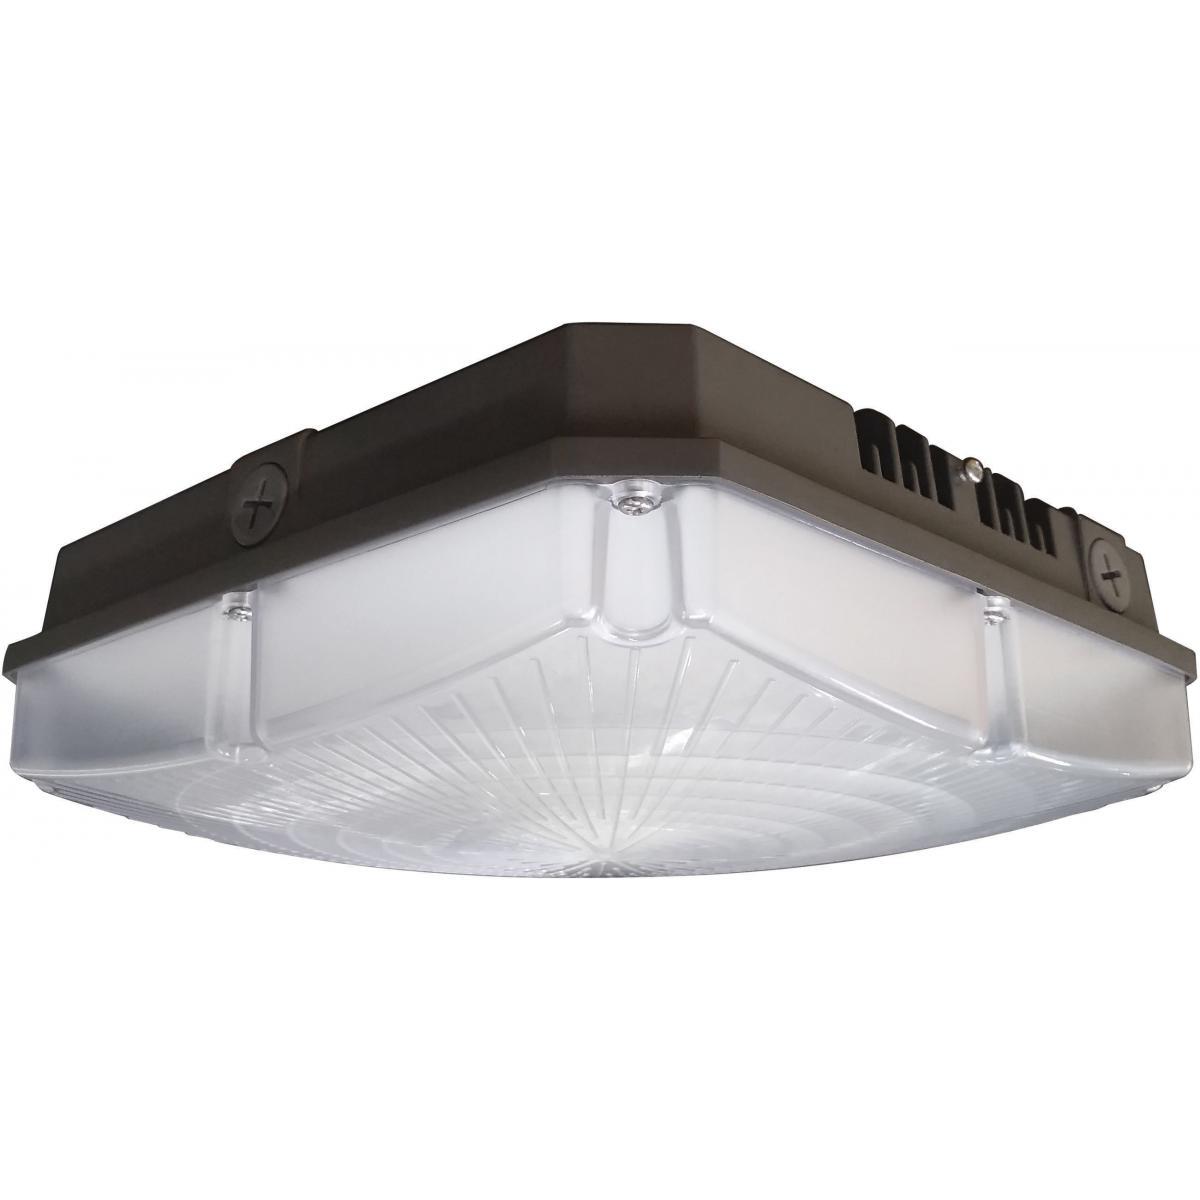 65-138 28W LED CANOPY FIXTURE 8.5